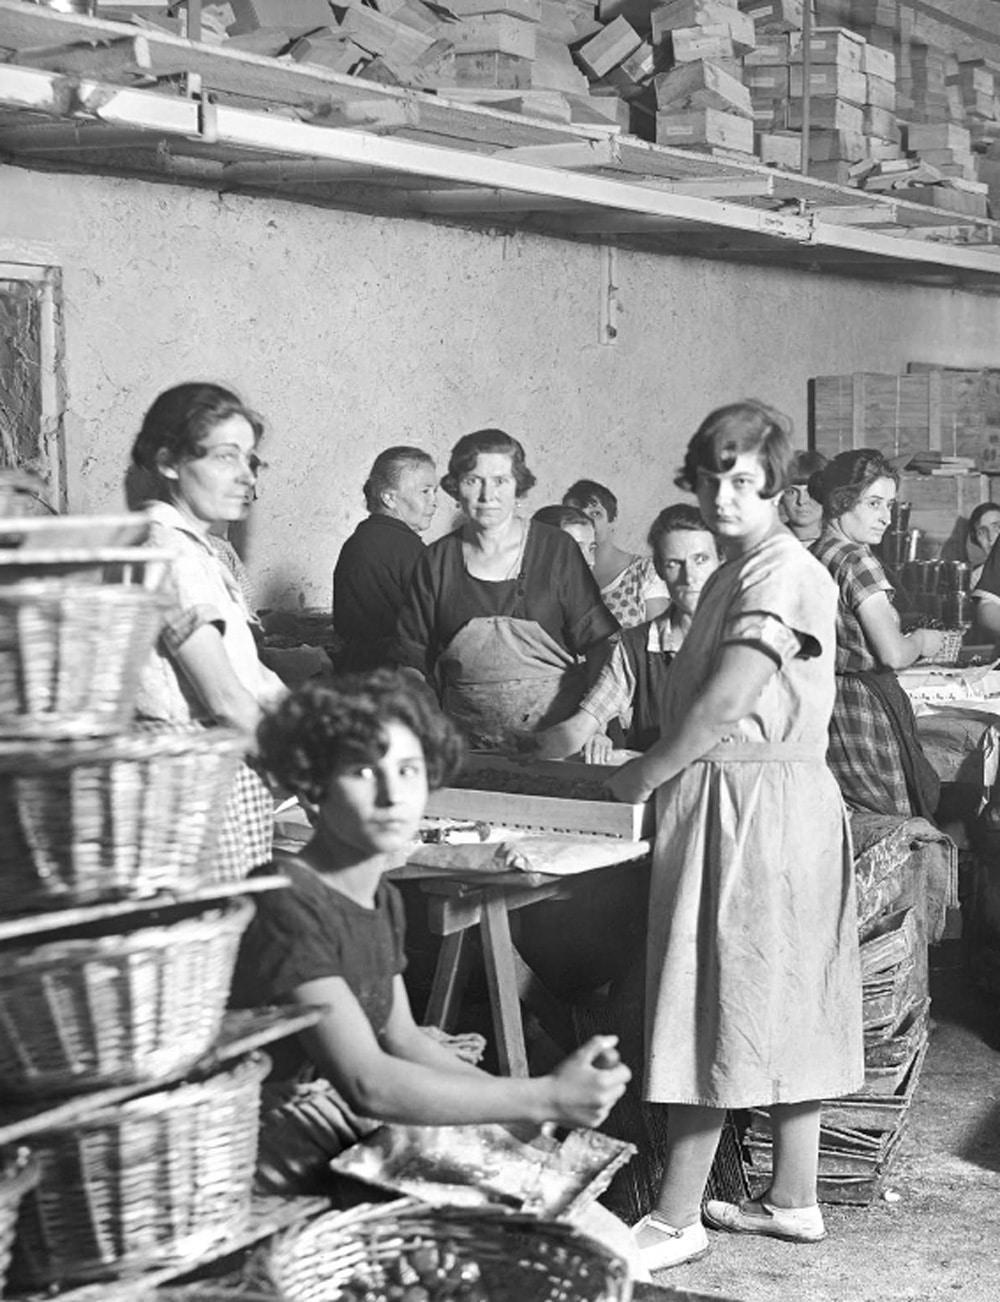 Usine_historique-confiserie-Roy-Rene-noir-blanc-femmes